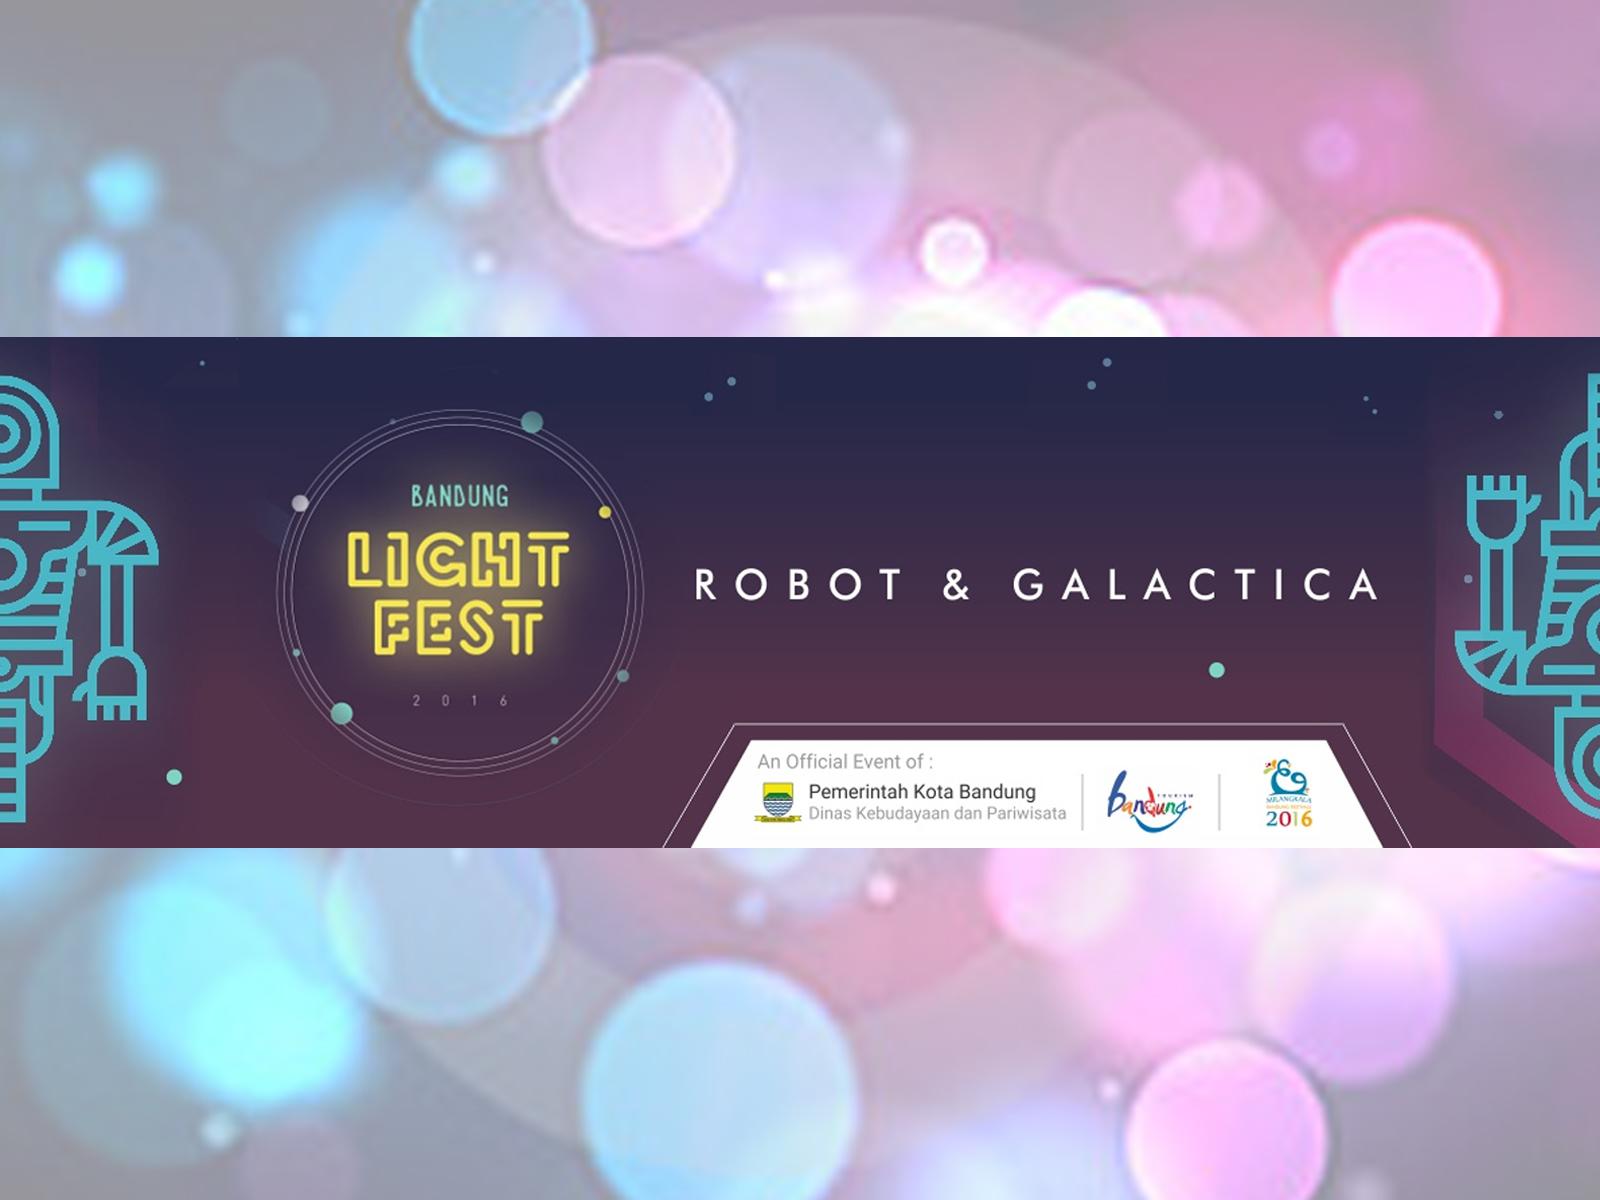 Bandung Light Fest 2016